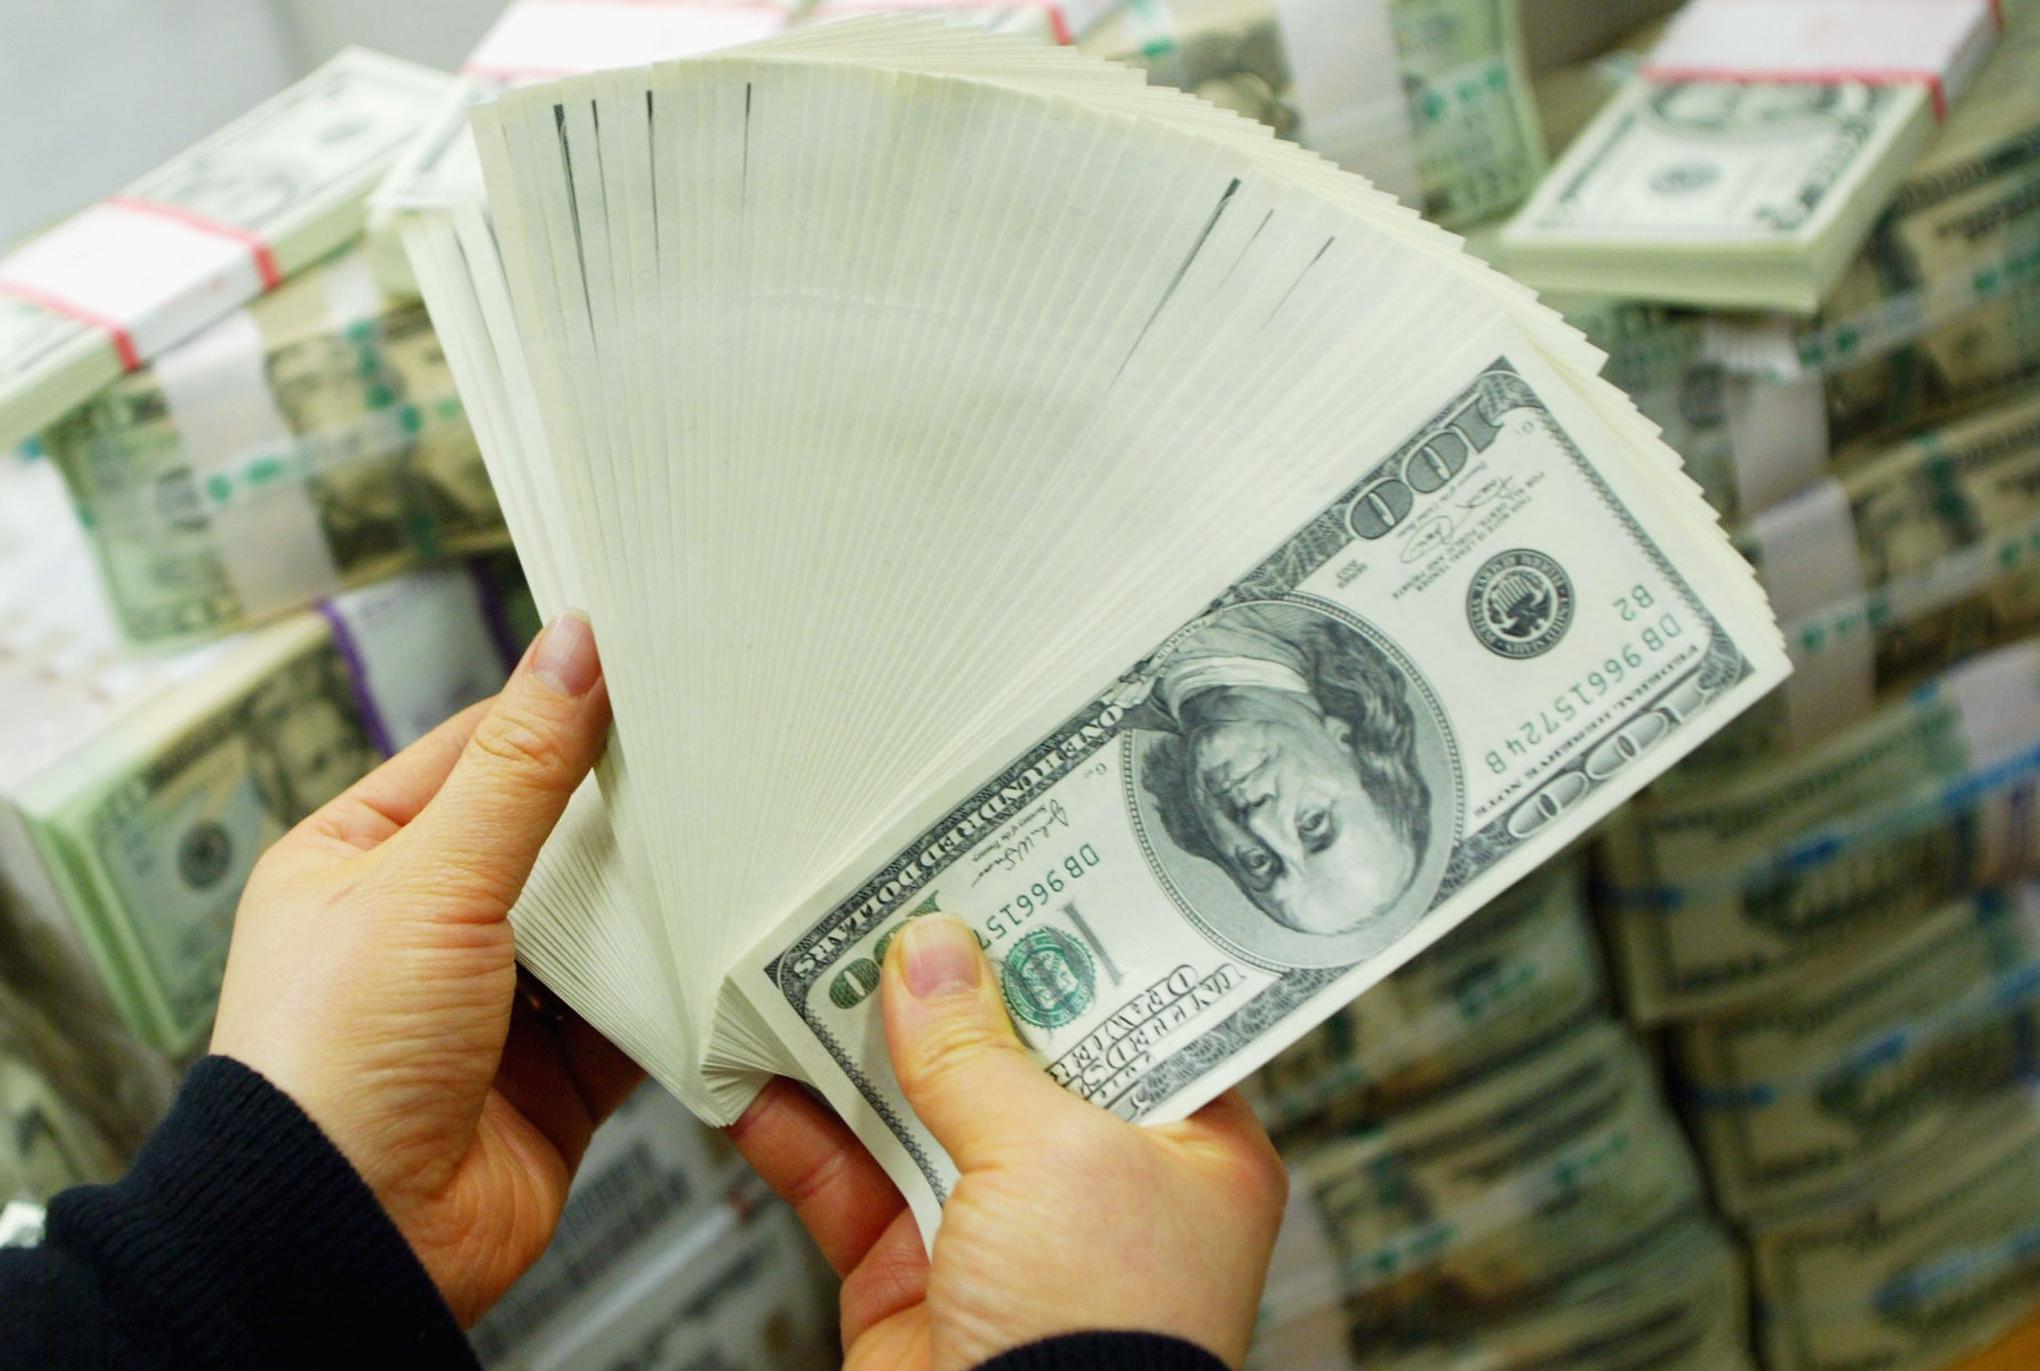 Money.